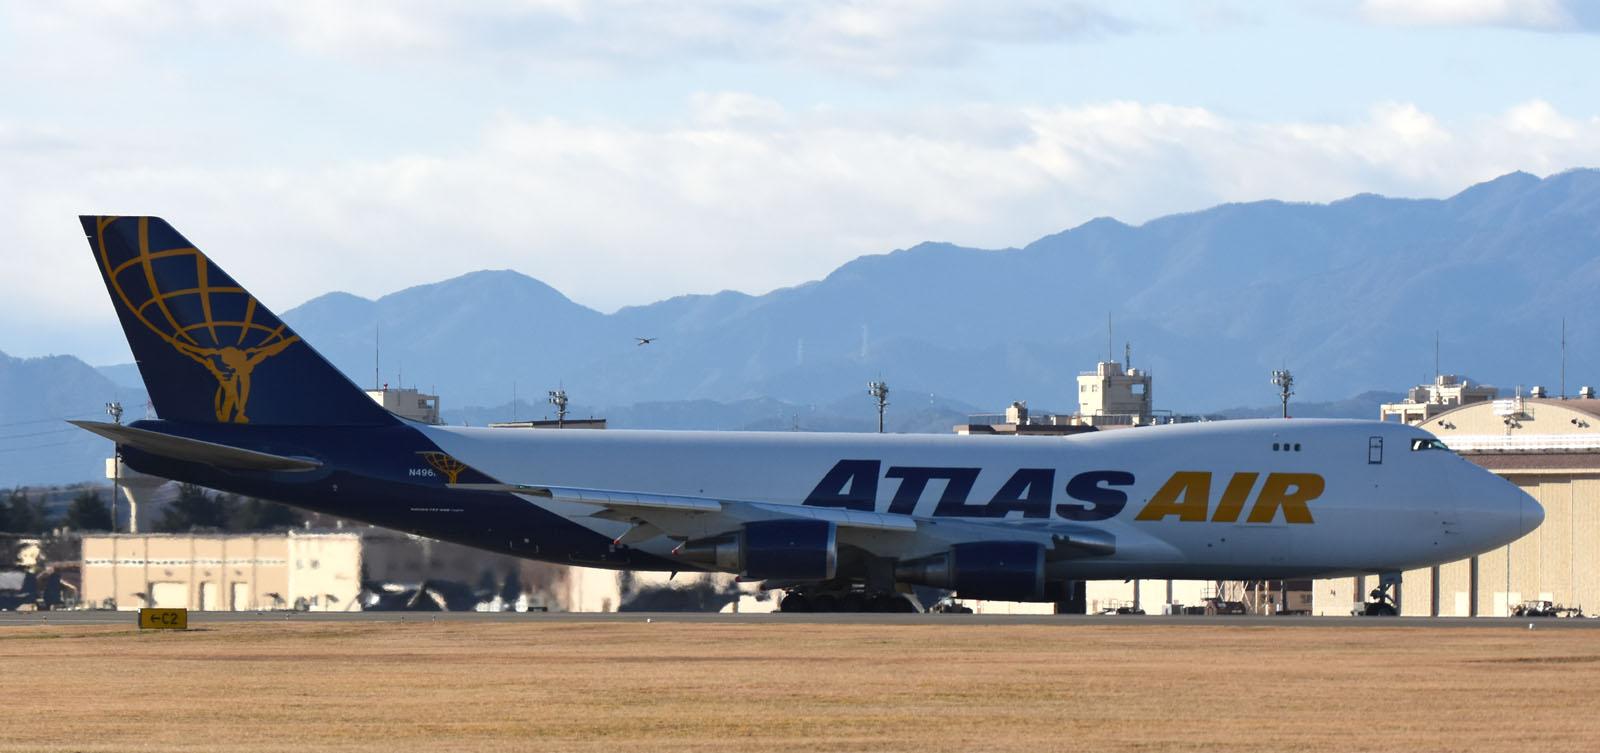 Atlas181228g481